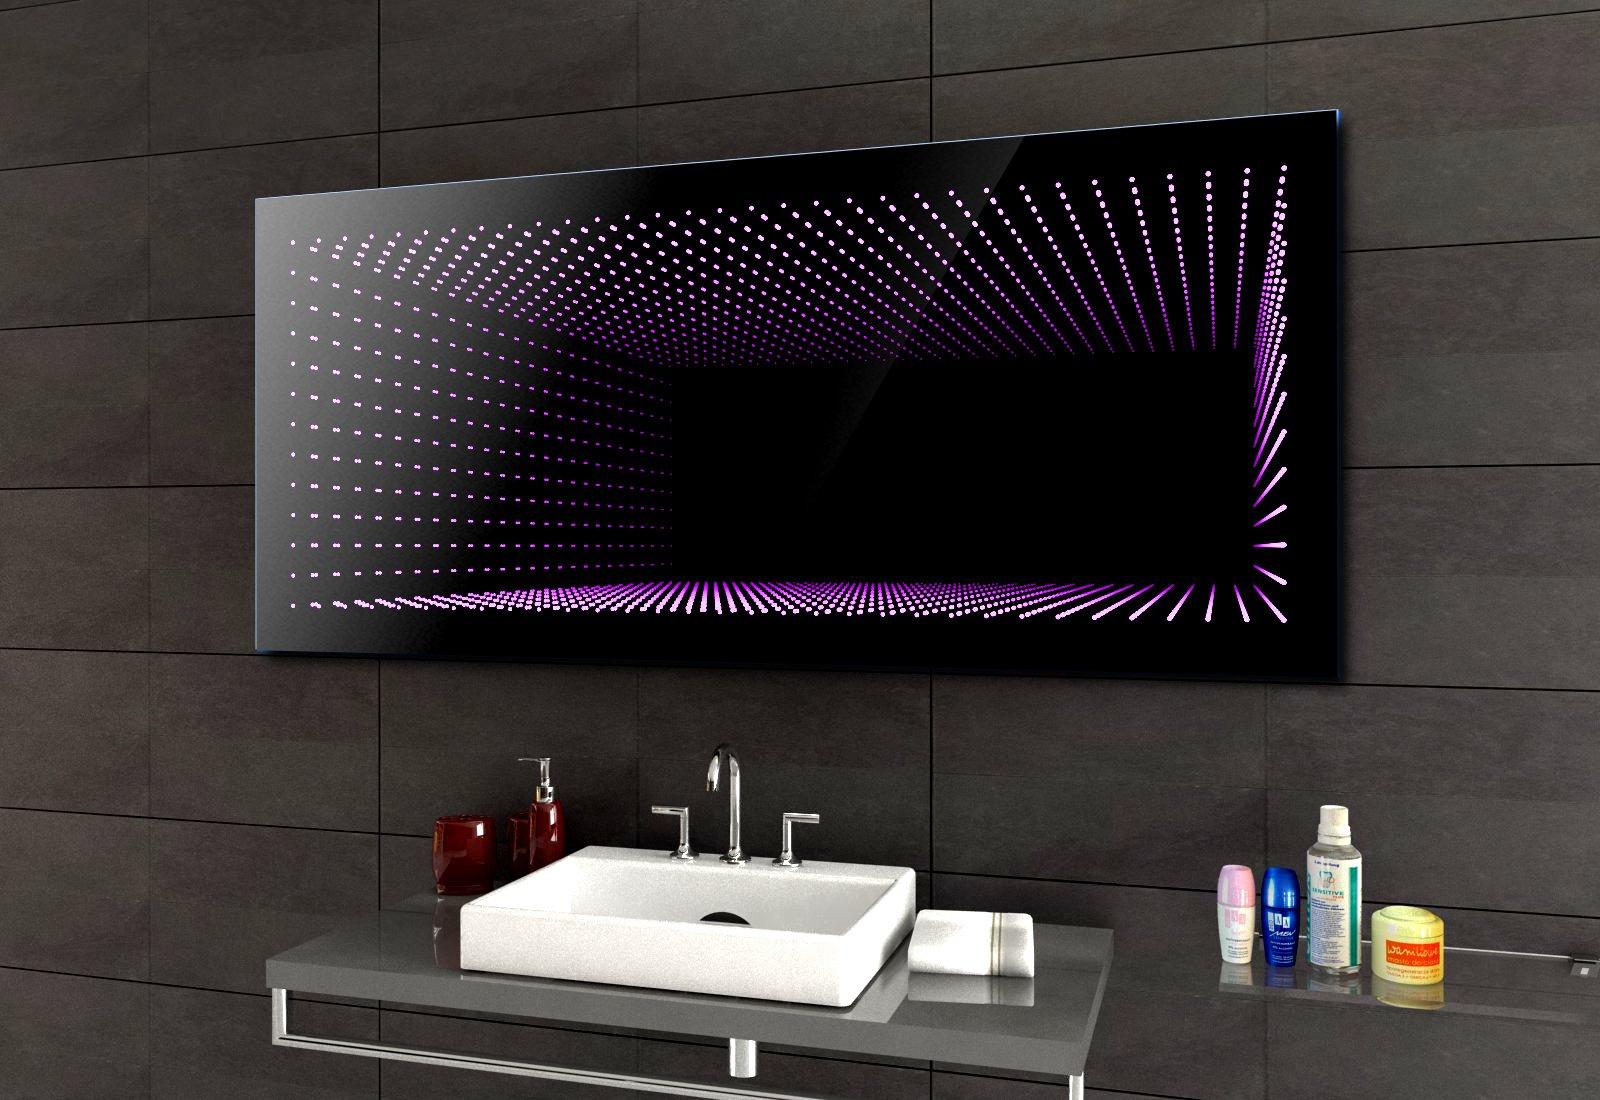 Koupelnové Zrcadlo S Led Osvětlením 120x60 Cm 3d Efekt Rgb